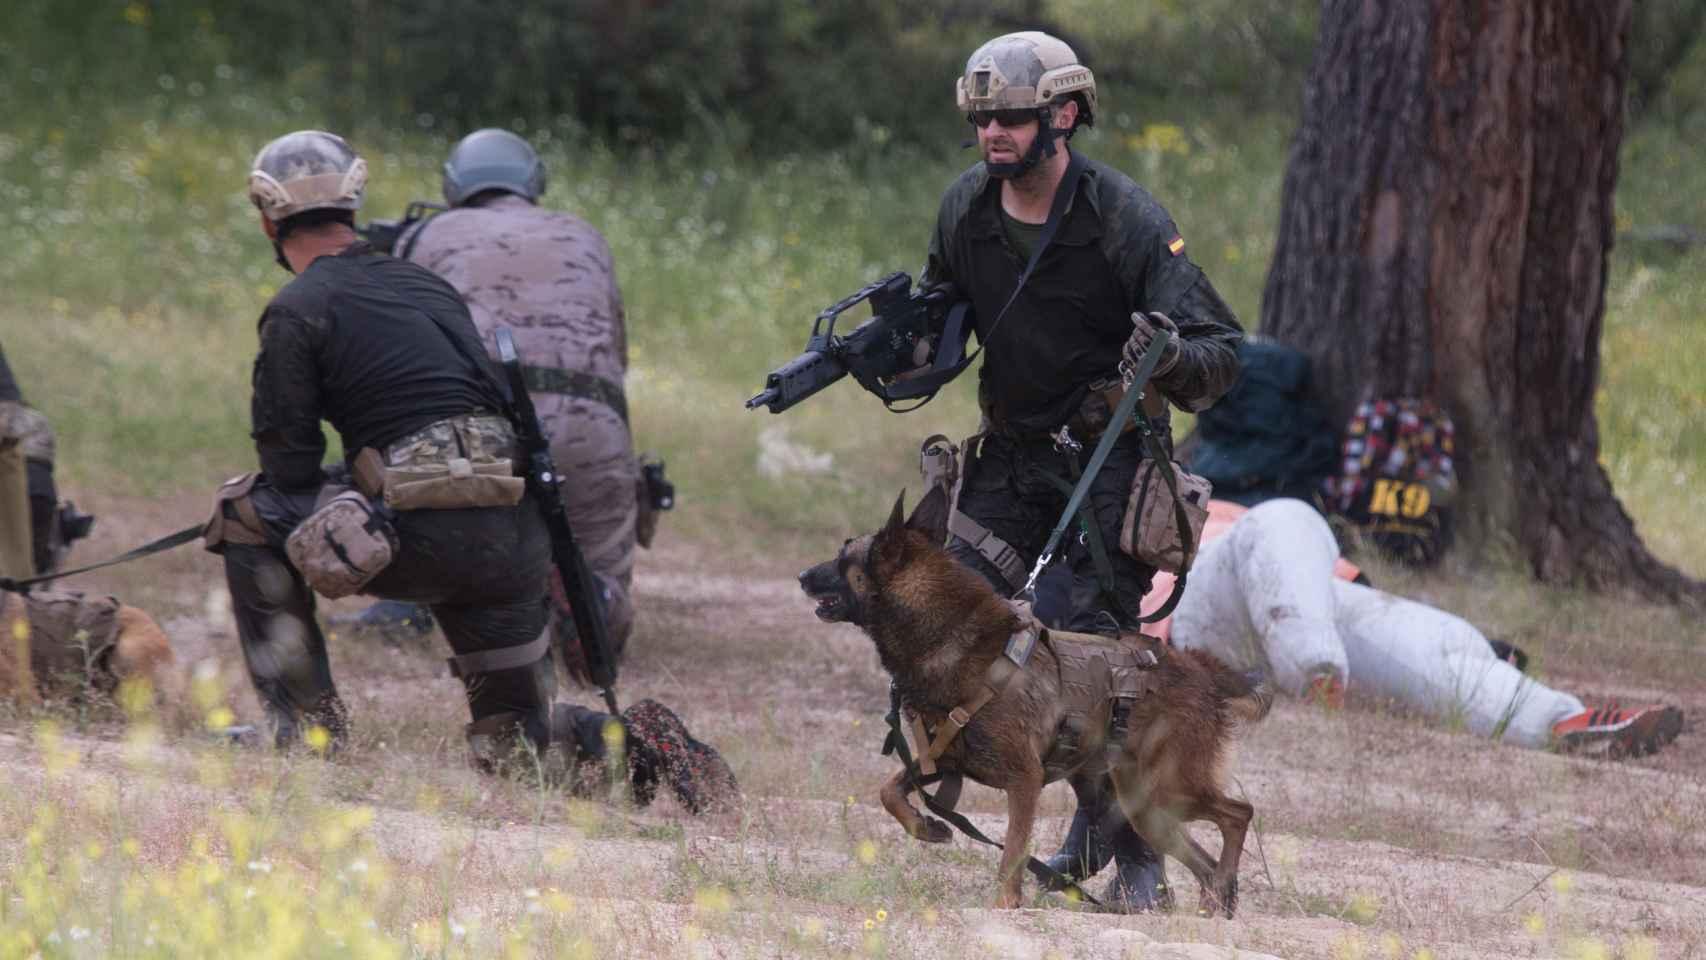 Jornadas técnicas del Perro de Intervención.